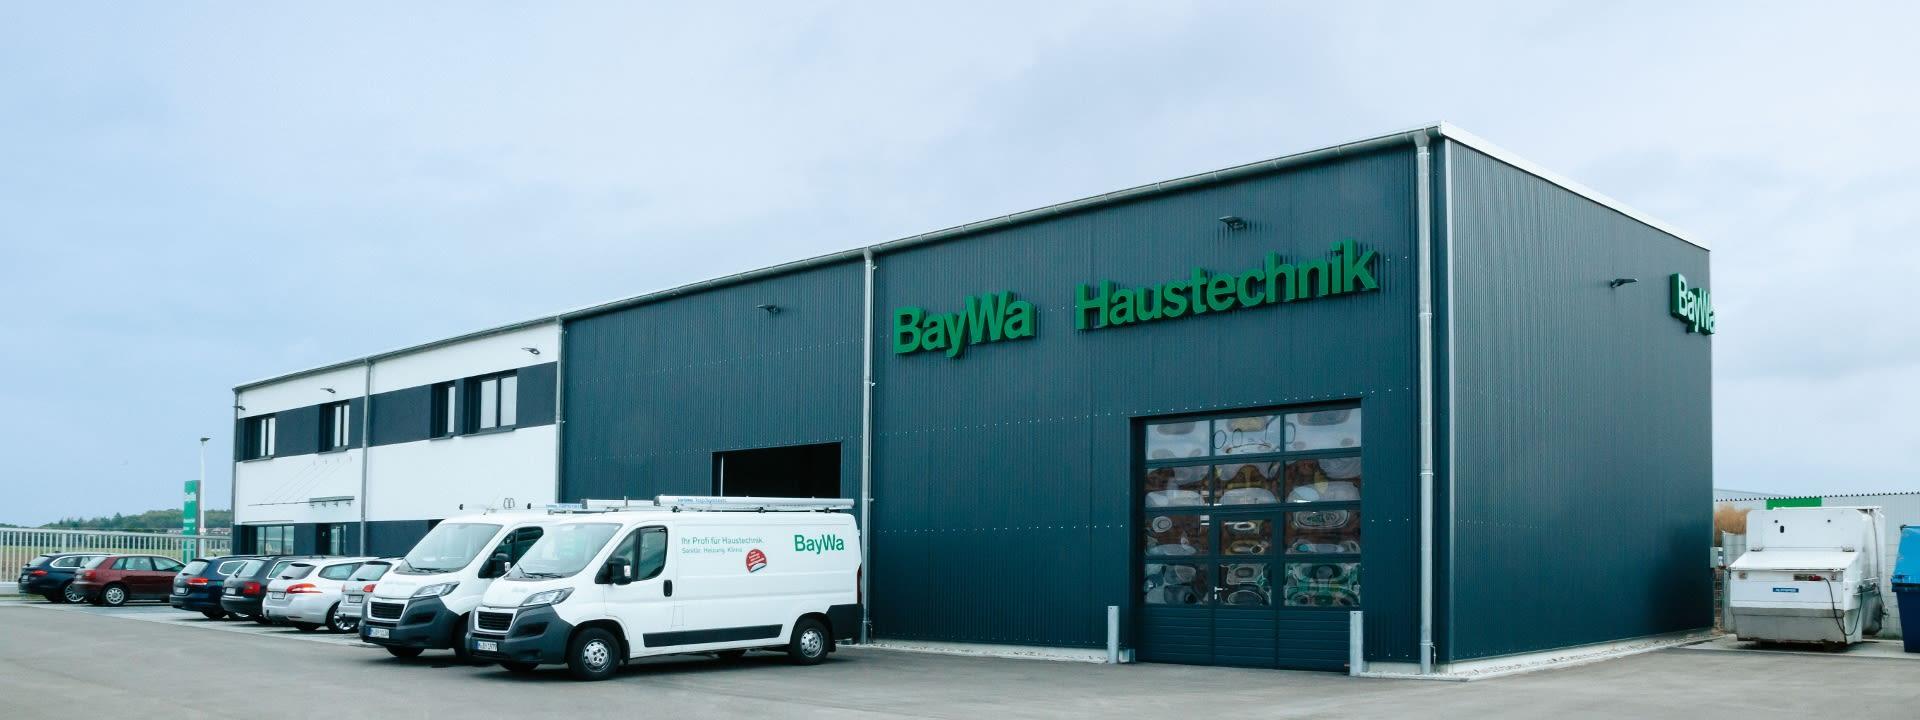 BayWa Haustechnik Herrenberg